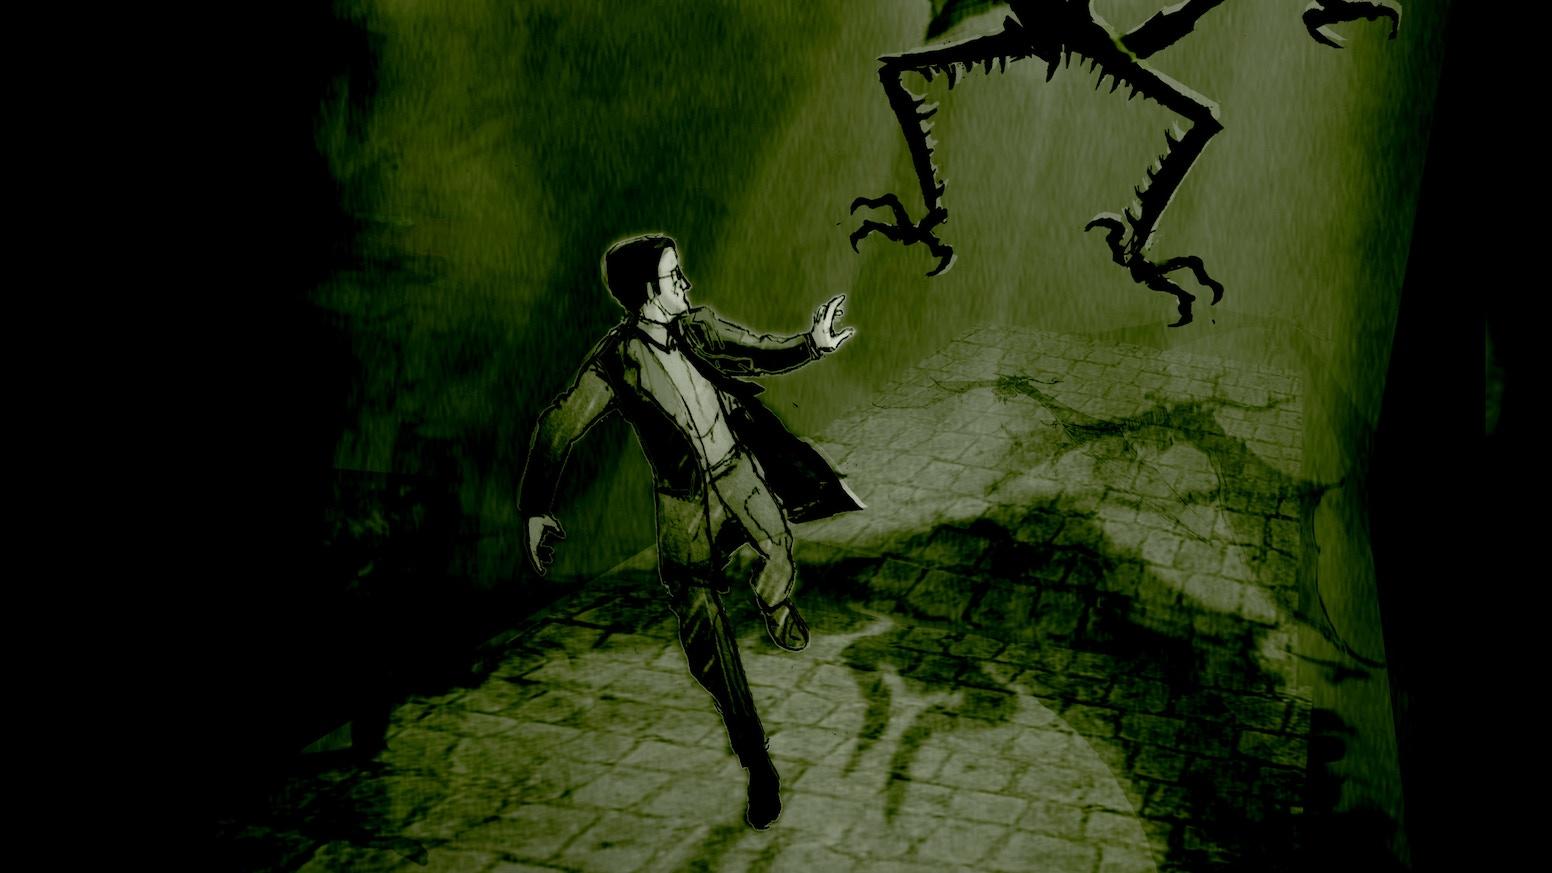 HP Lovecraft's Nightgaunts by Noah Van Buhren » Lovecraftian